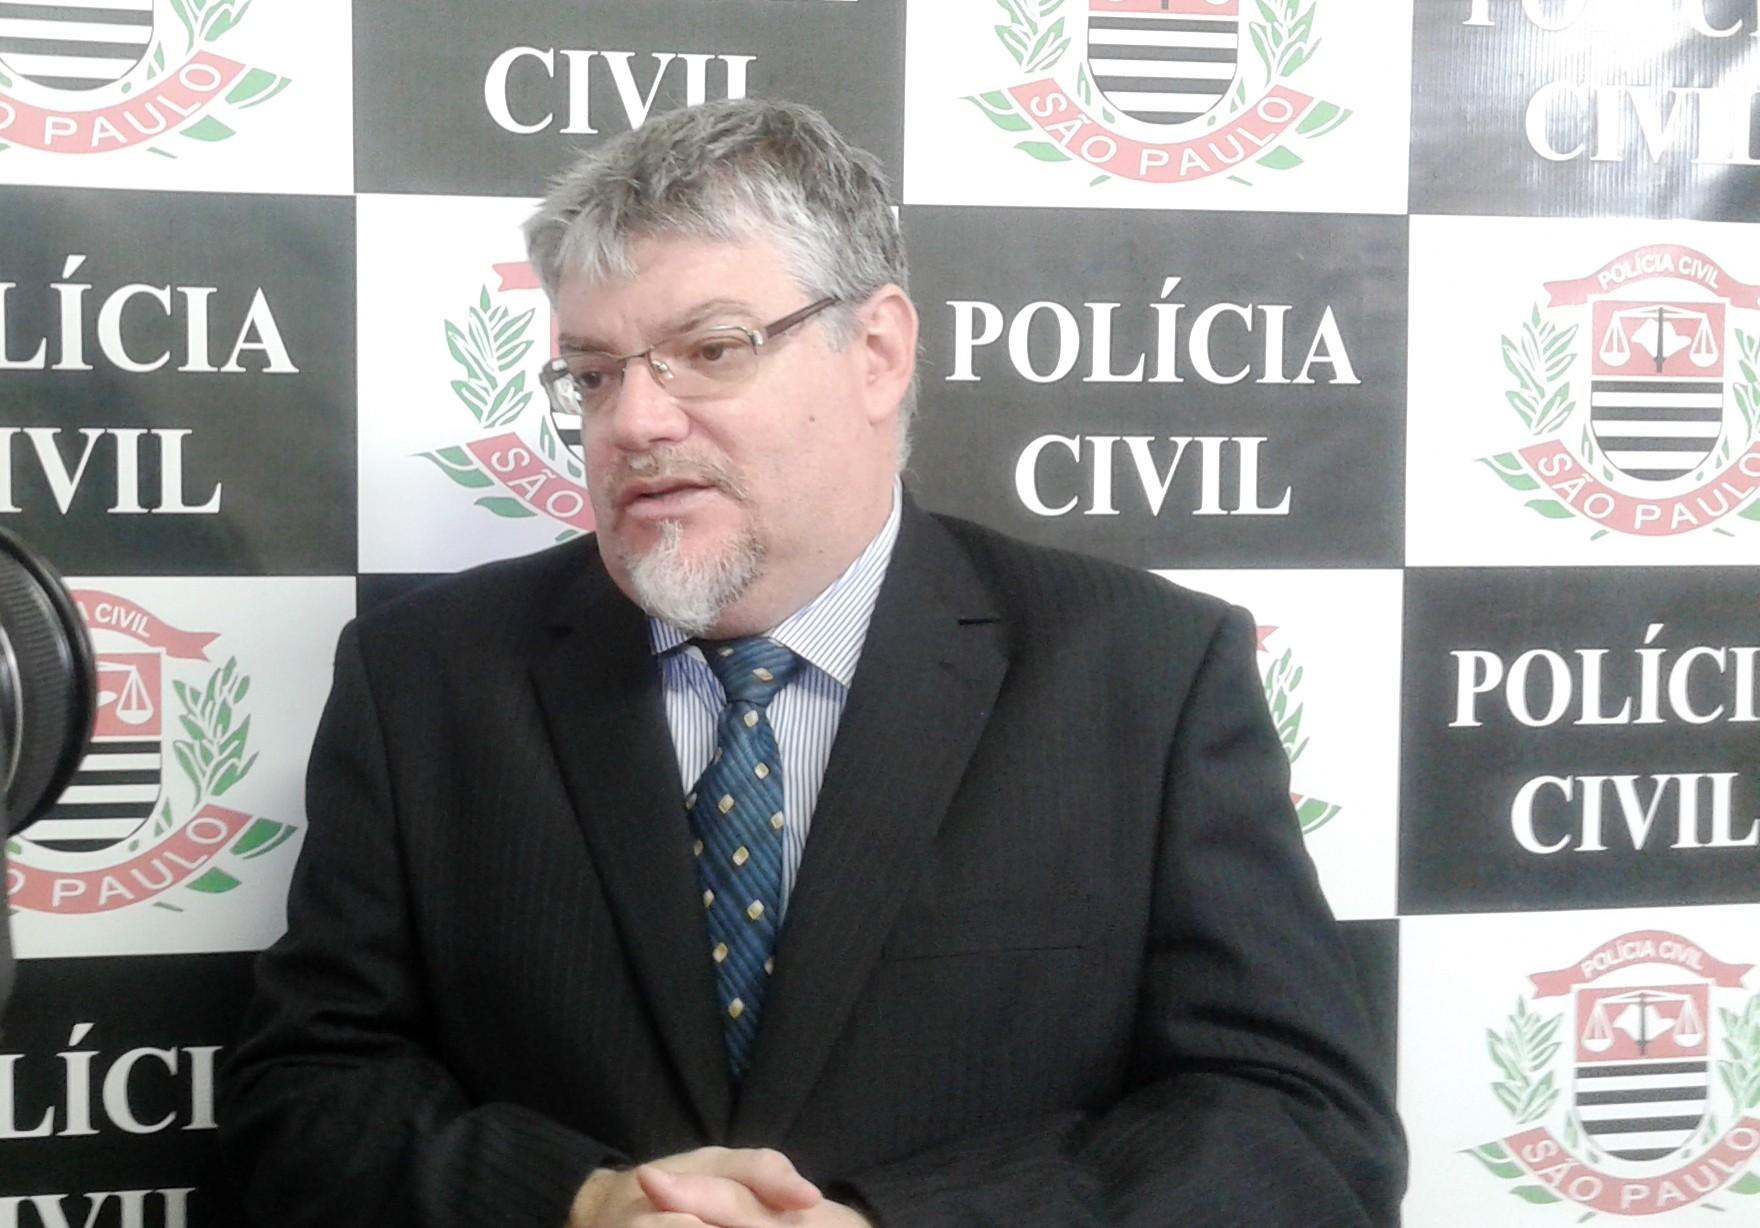 O delegado Vicente Lagioto suspeita que em nova modalidade de golpe, bandidos tenham feito outras vítimas em Pindamonhangaba (Atos Redação)